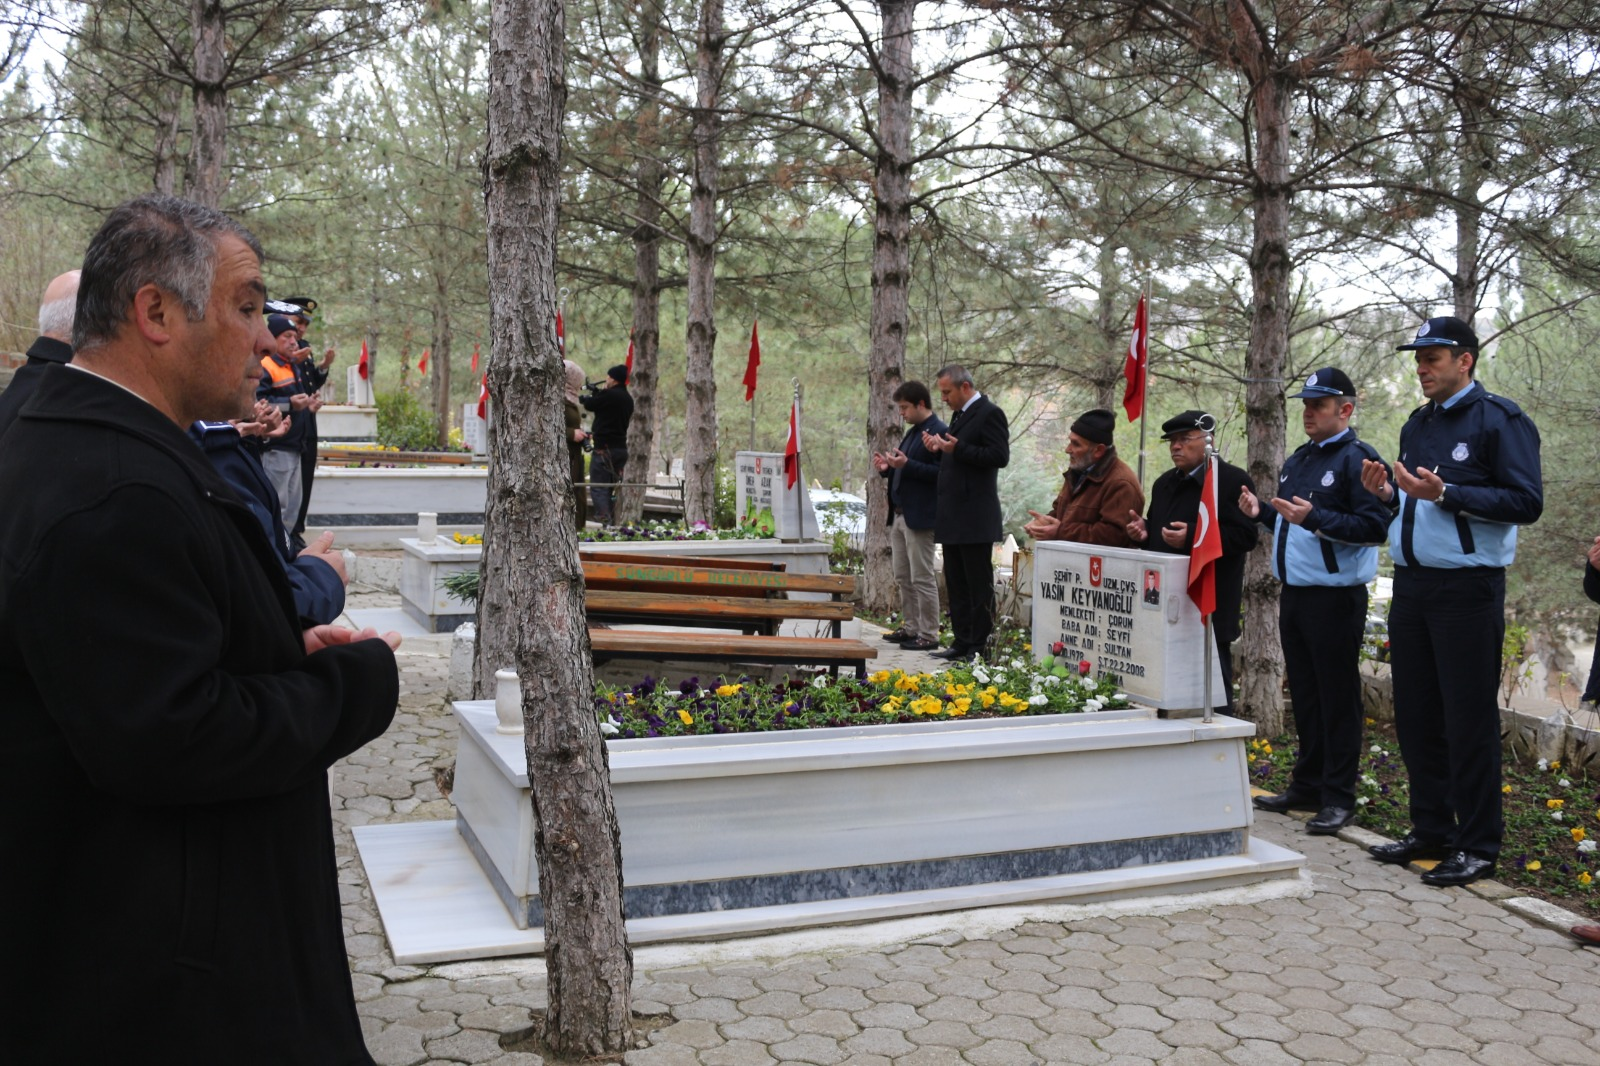 Çanakkale Zaferi'nin 105. yıldönümü ve 18 Mart Çanakkale Şehitlerini Anma Günü münasebetiyle ilçedeki şehitlik ziyaret edildi. | Sungurlu Haber